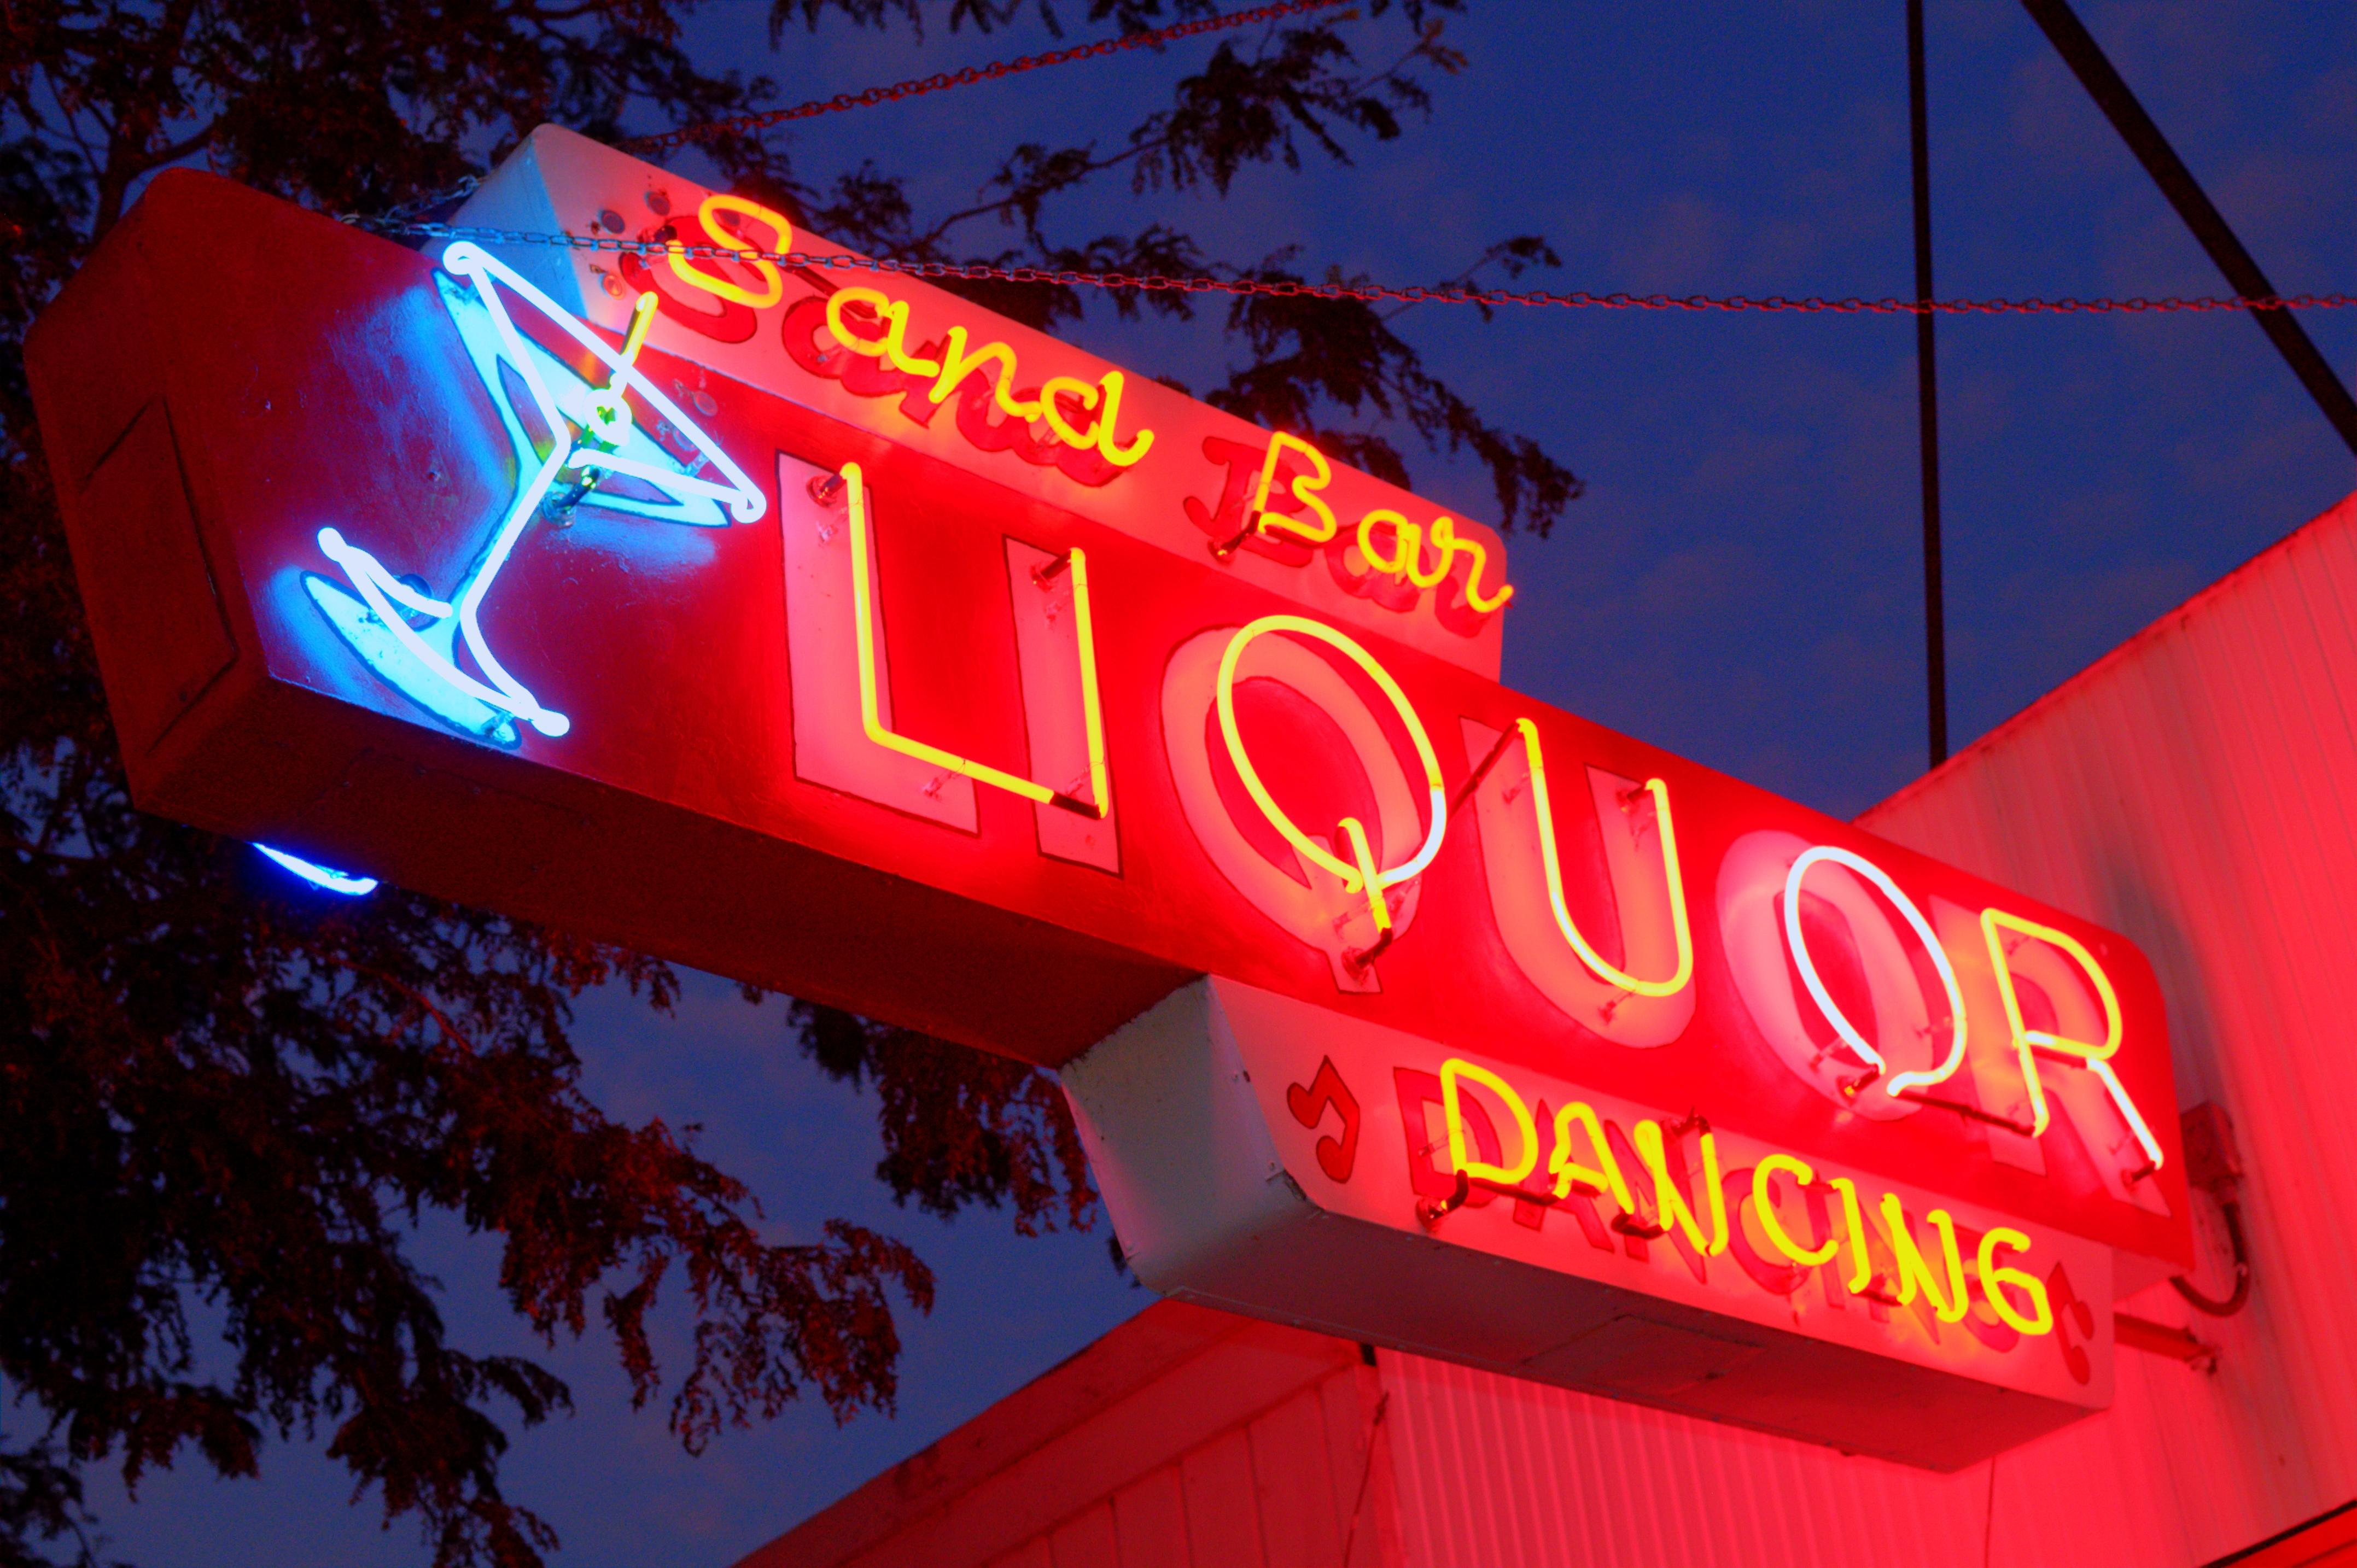 Sand Bar - 203 South James Street, Ludington, Michigan U.S.A. - September 6, 2009